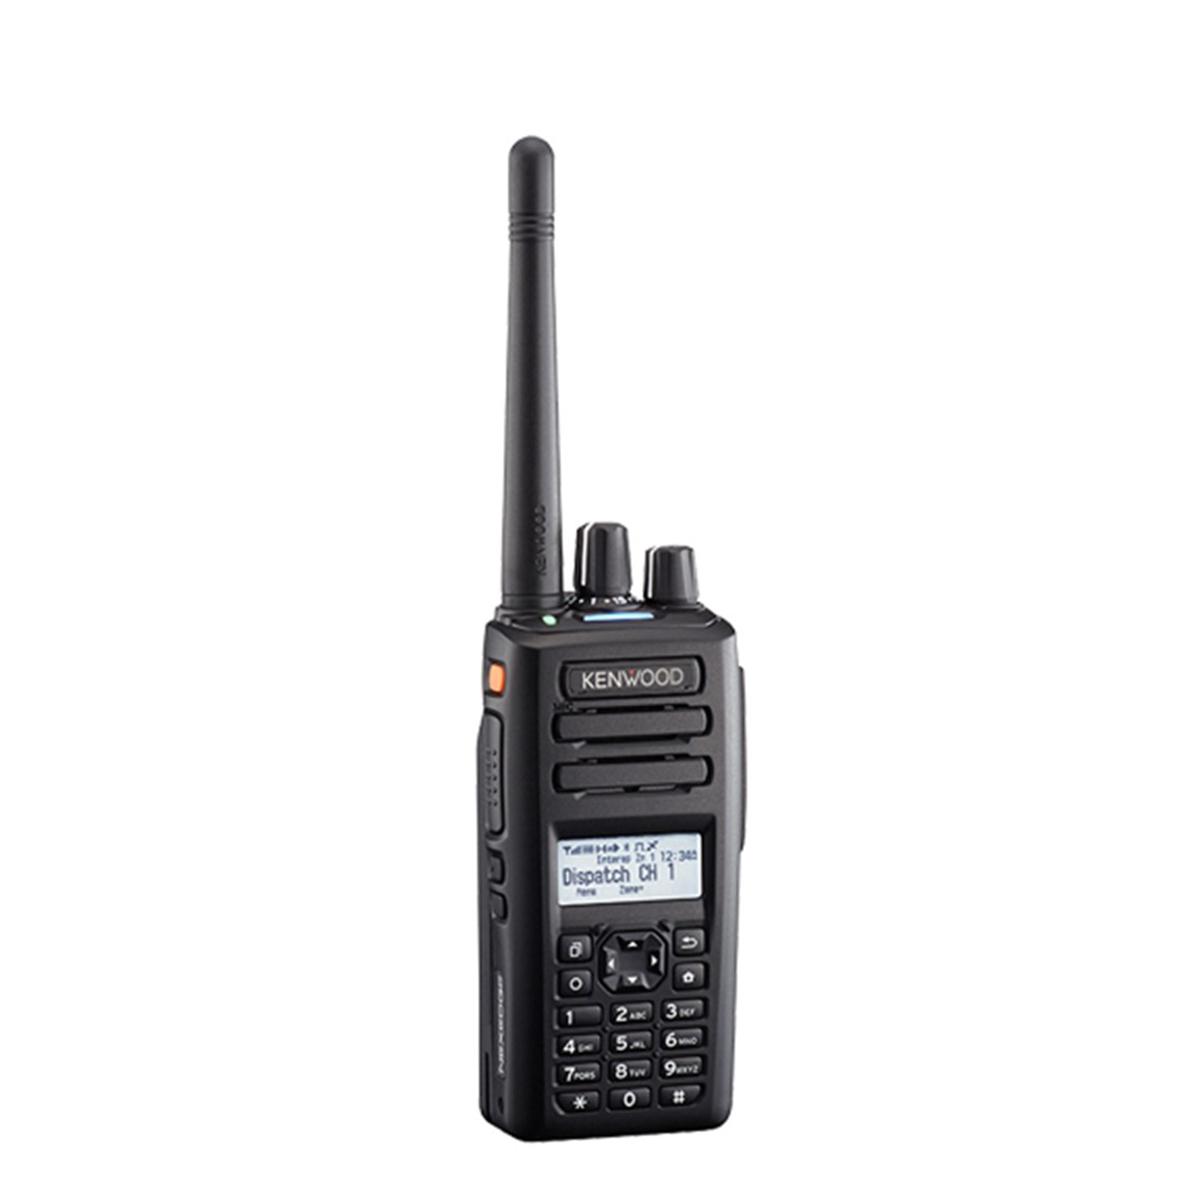 Radio KENWOOD NX-3200 Digital VHF 136-174 MHz con pantalla y teclado completo